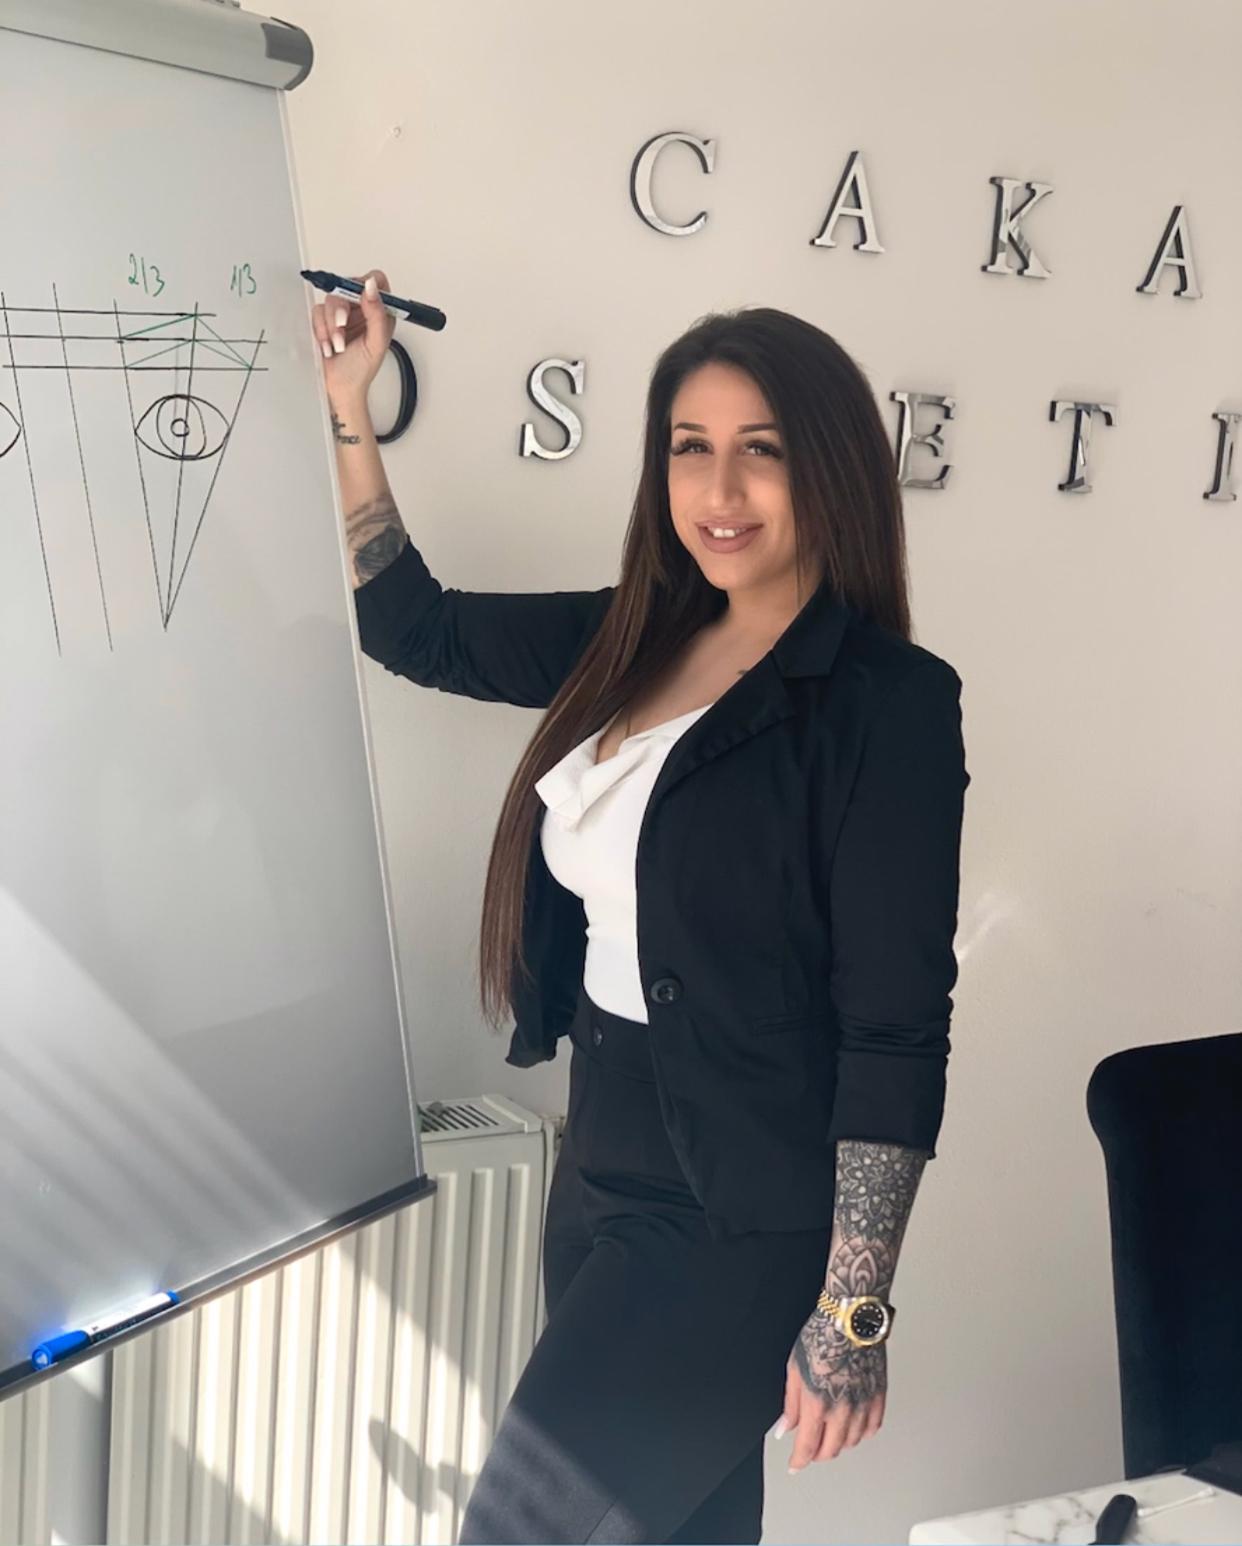 Caka Cosmetic Mannheim Kosmetikanwendungen und Kosmetikschulungen Kosmetikschule Kosmetikfachschule Nummer 1 in Deutschland